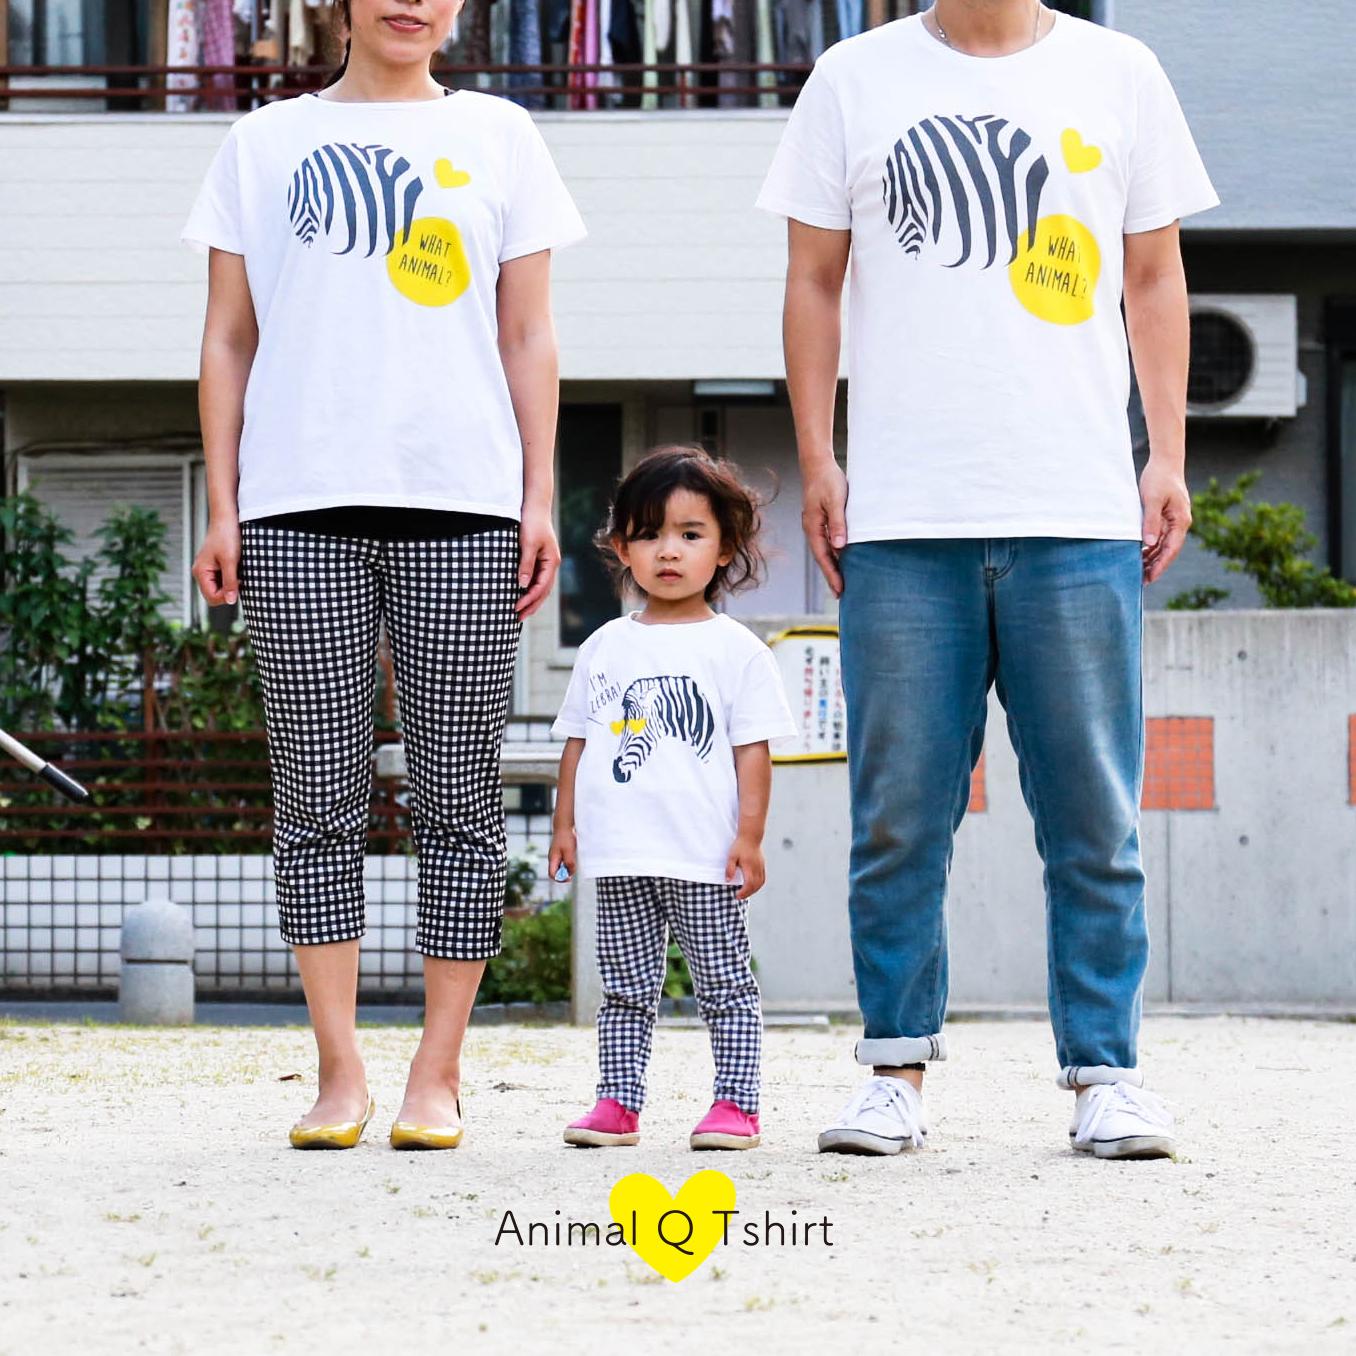 Animal Q(ZEBRA) Tシャツでリンクコーデ(おそろい)を親子で楽しもう!